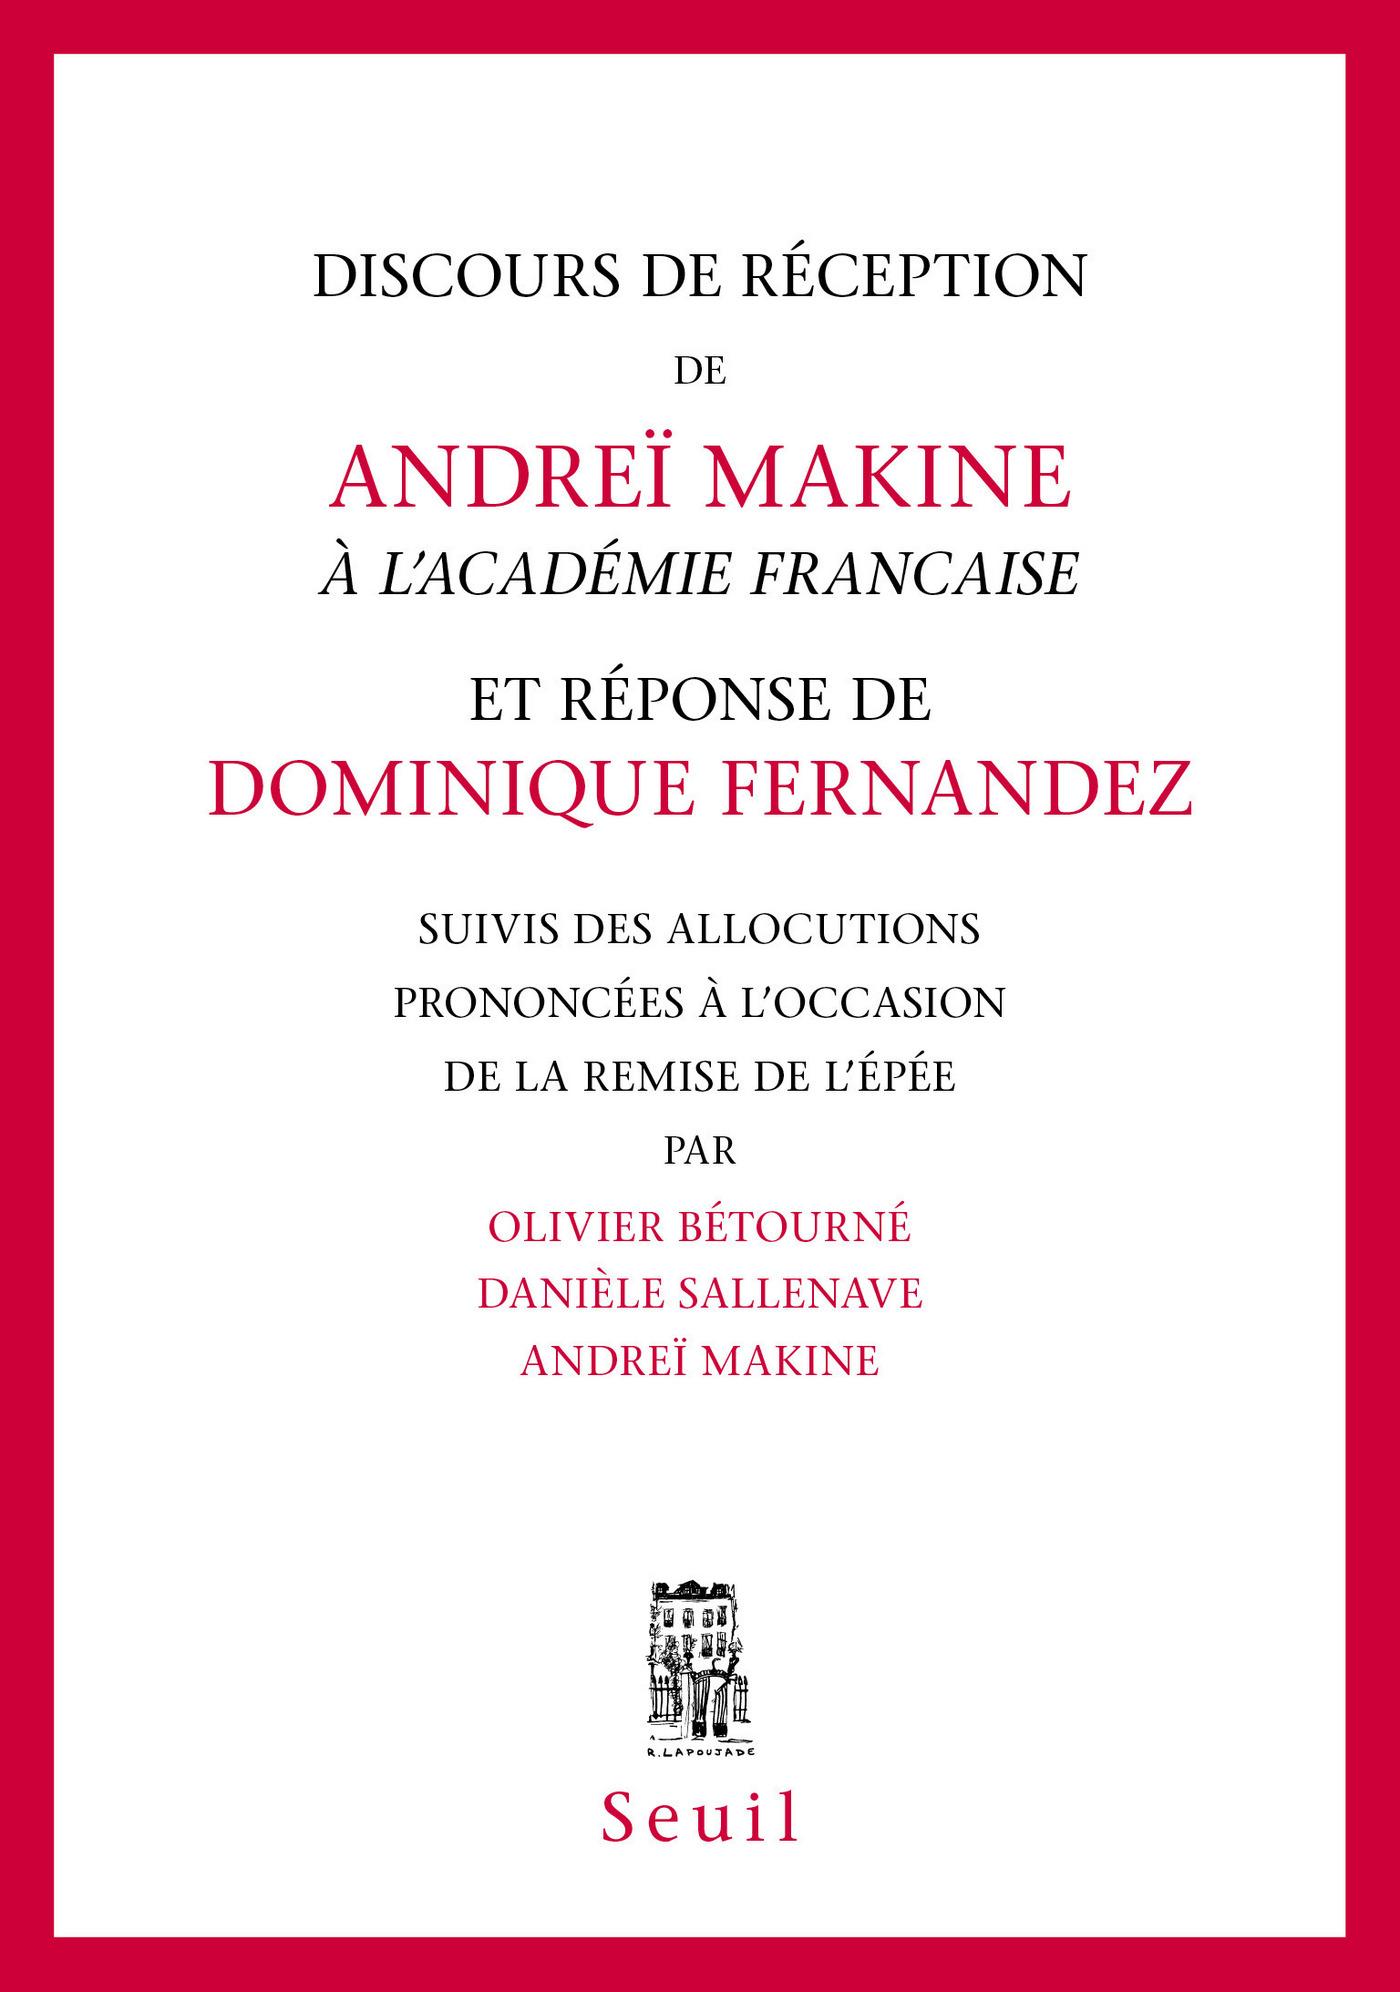 Discours de réception à l'Académie française et Réponse